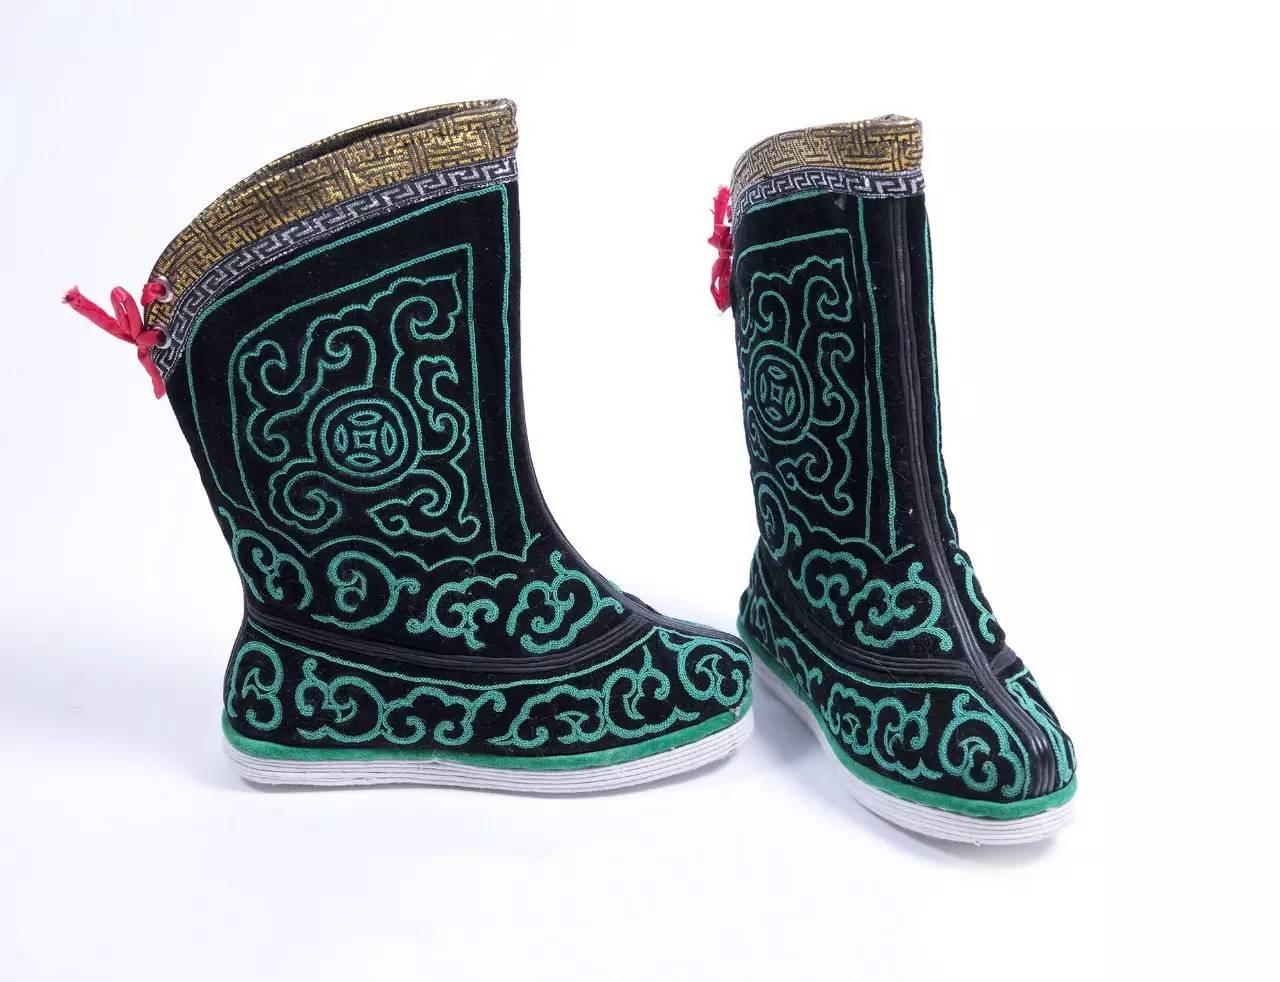 蒙古族刺绣非遗传承人——萨义玛 第14张 蒙古族刺绣非遗传承人——萨义玛 蒙古工艺